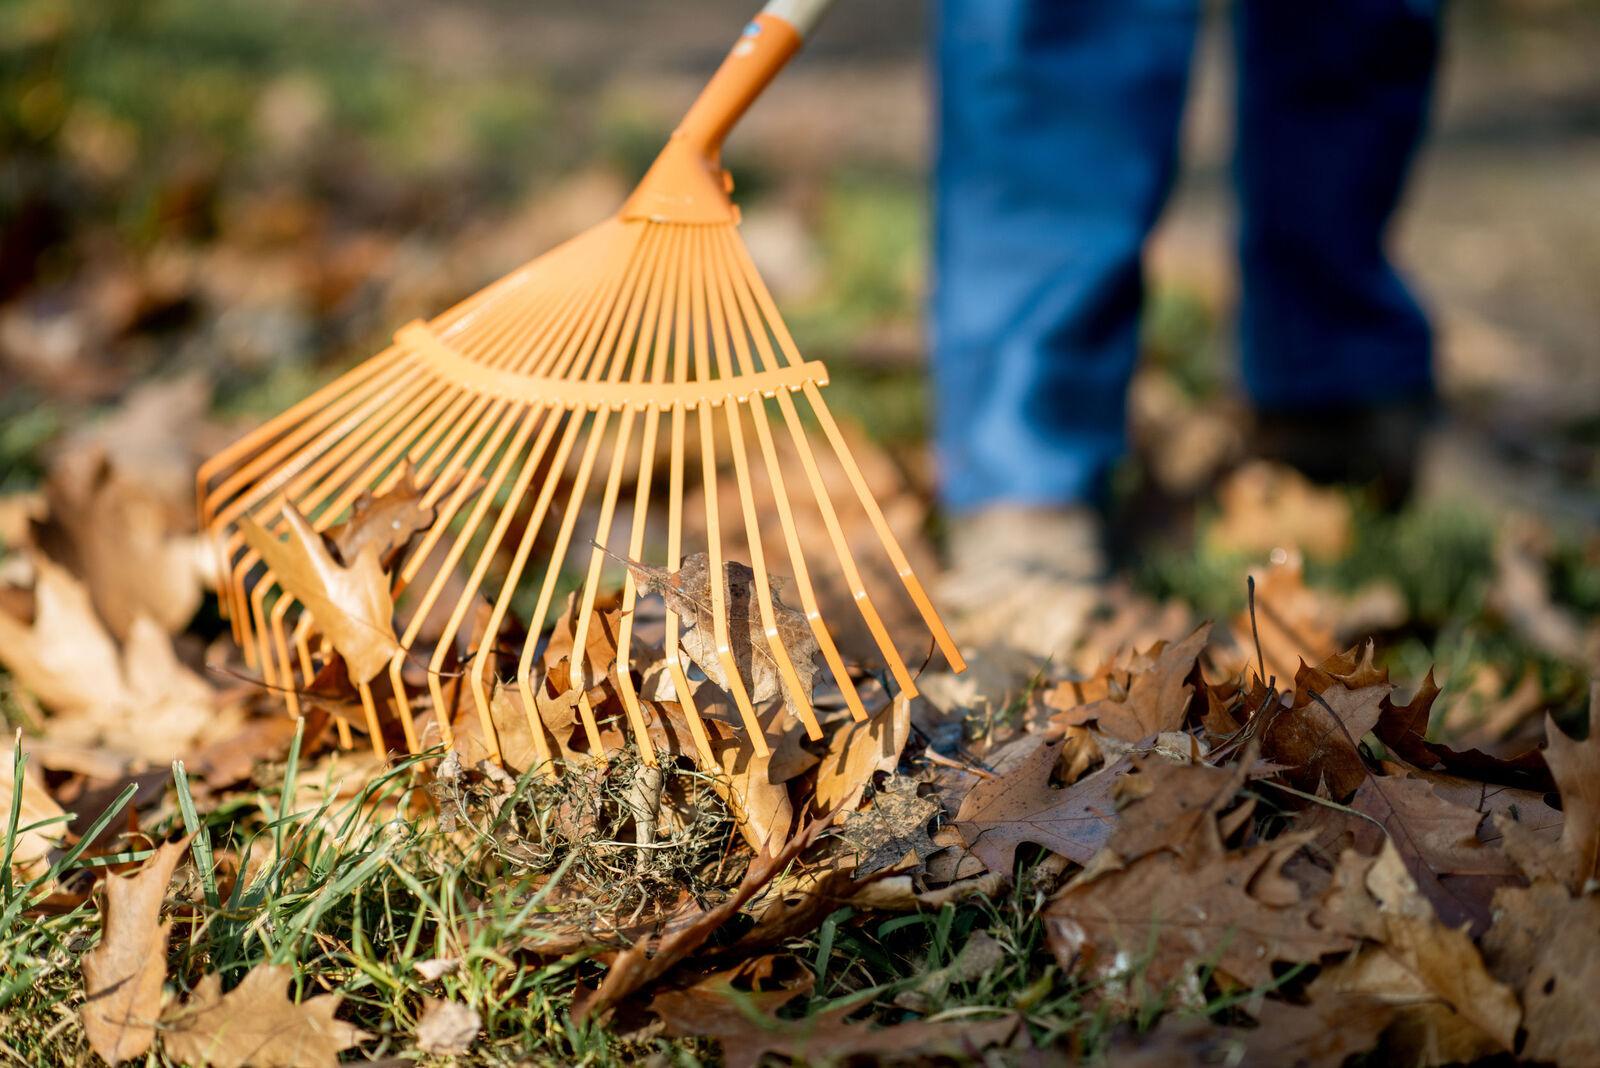 Szeptemberi kertészeti teendők